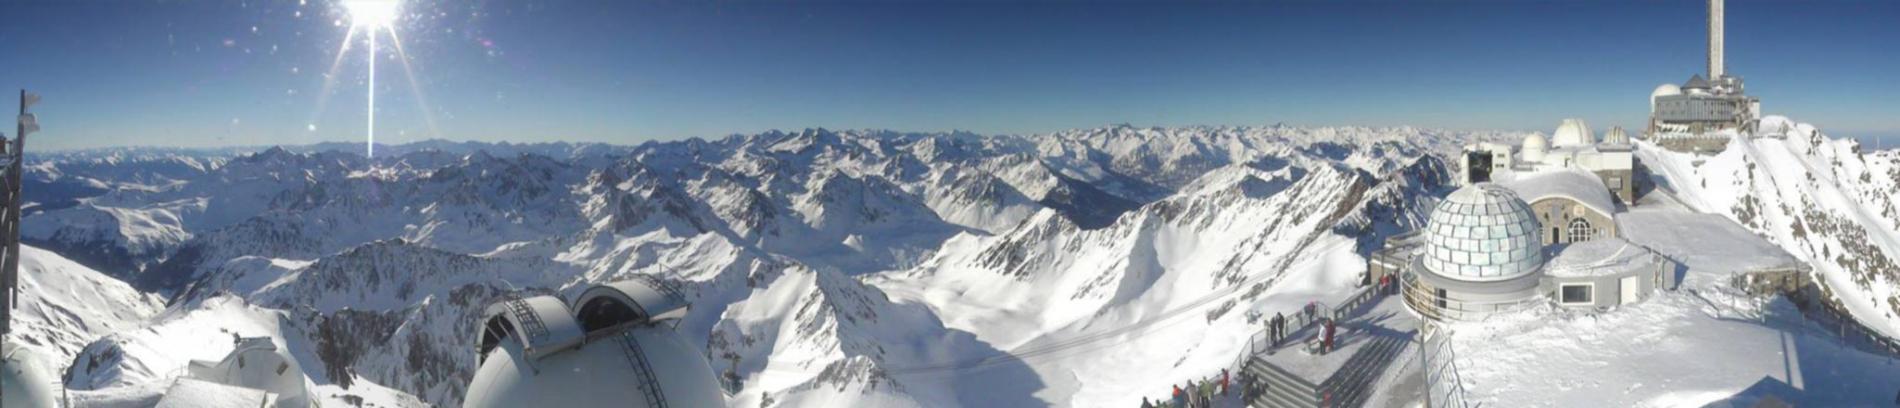 Slide Pic du Midi